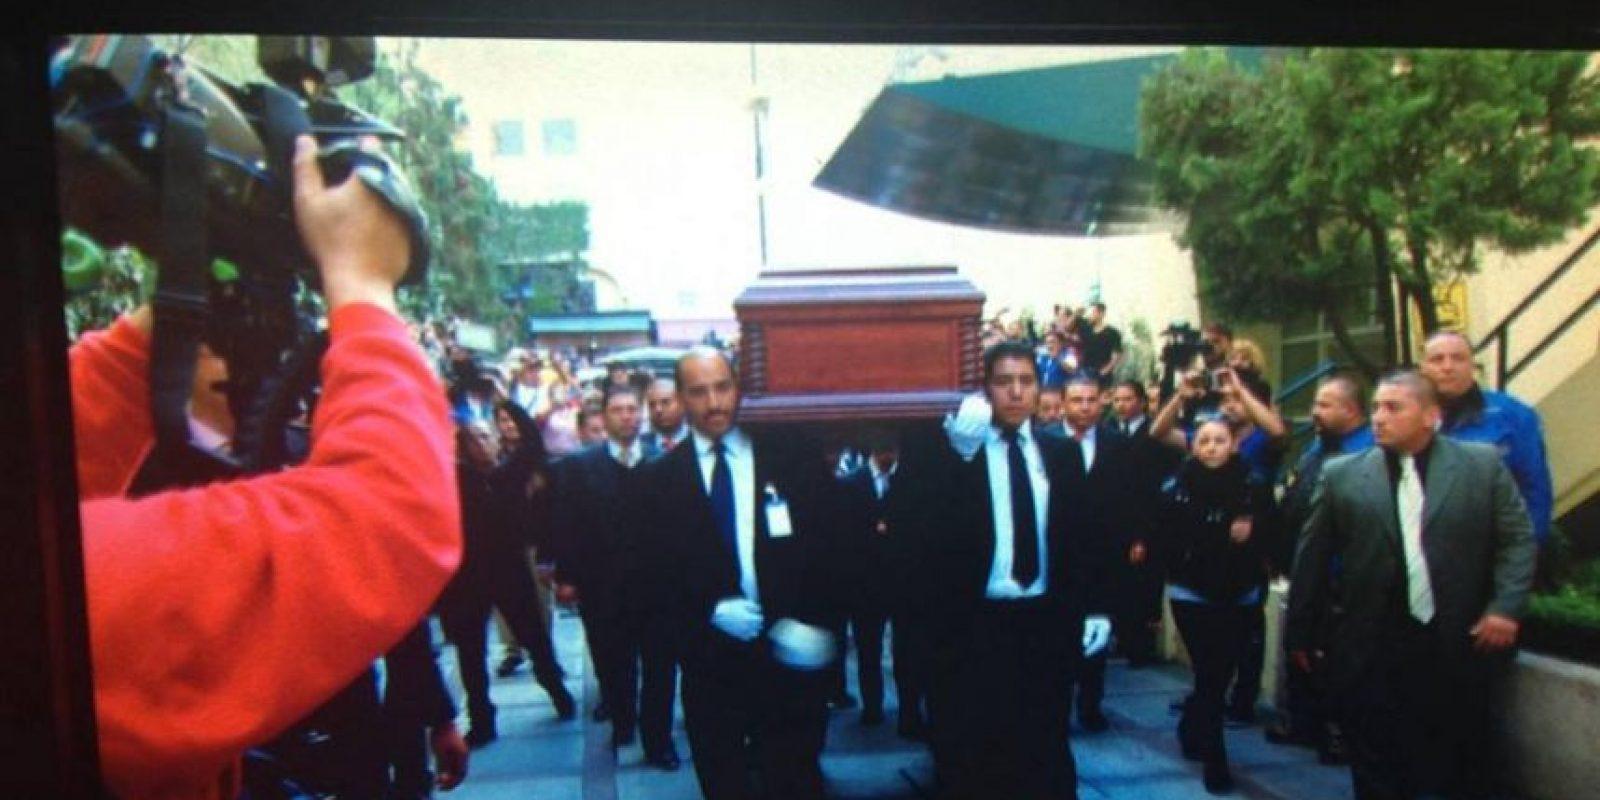 """El cuerpo de Chespirito llegó a las instalaciones de """"Televisa"""" San Ángel a las 16:21 hrs. Foto:Instagram/televisatelevisionmx"""